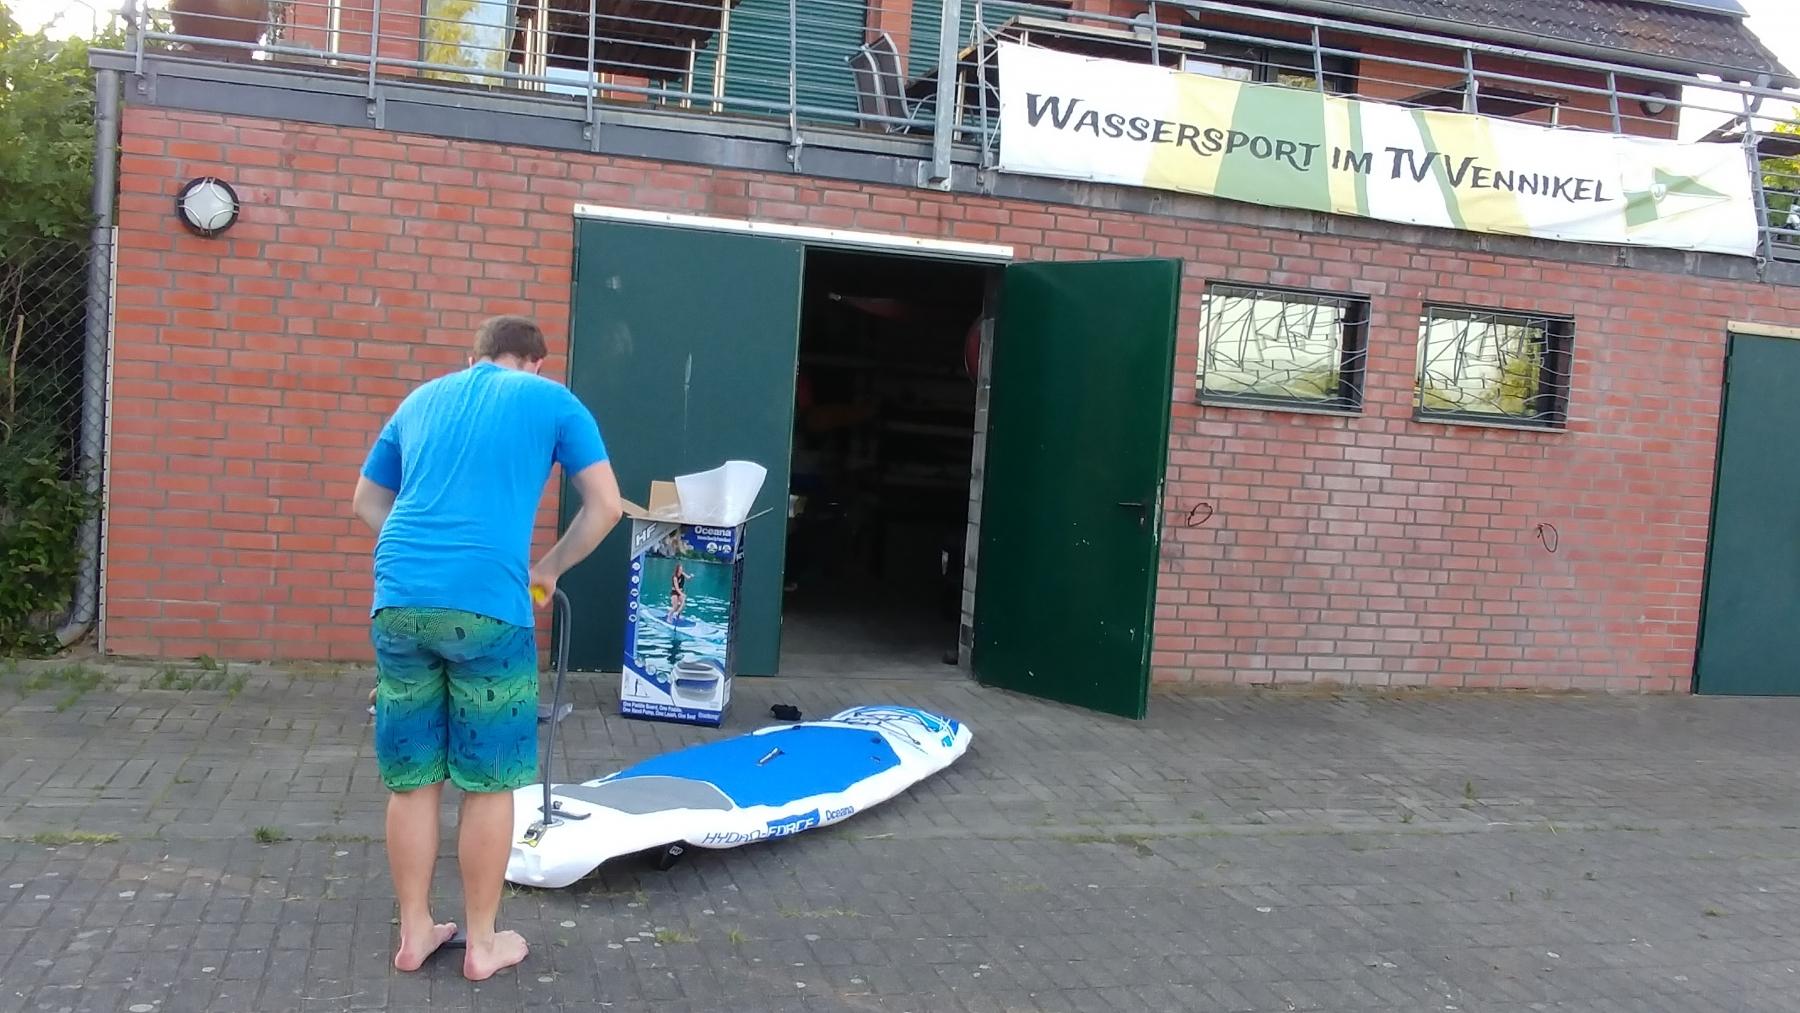 Unsere Vereinsboard liegen immer aufblasbar für Mitglieder bereit. Für den Transport ist das sehr praktisch..